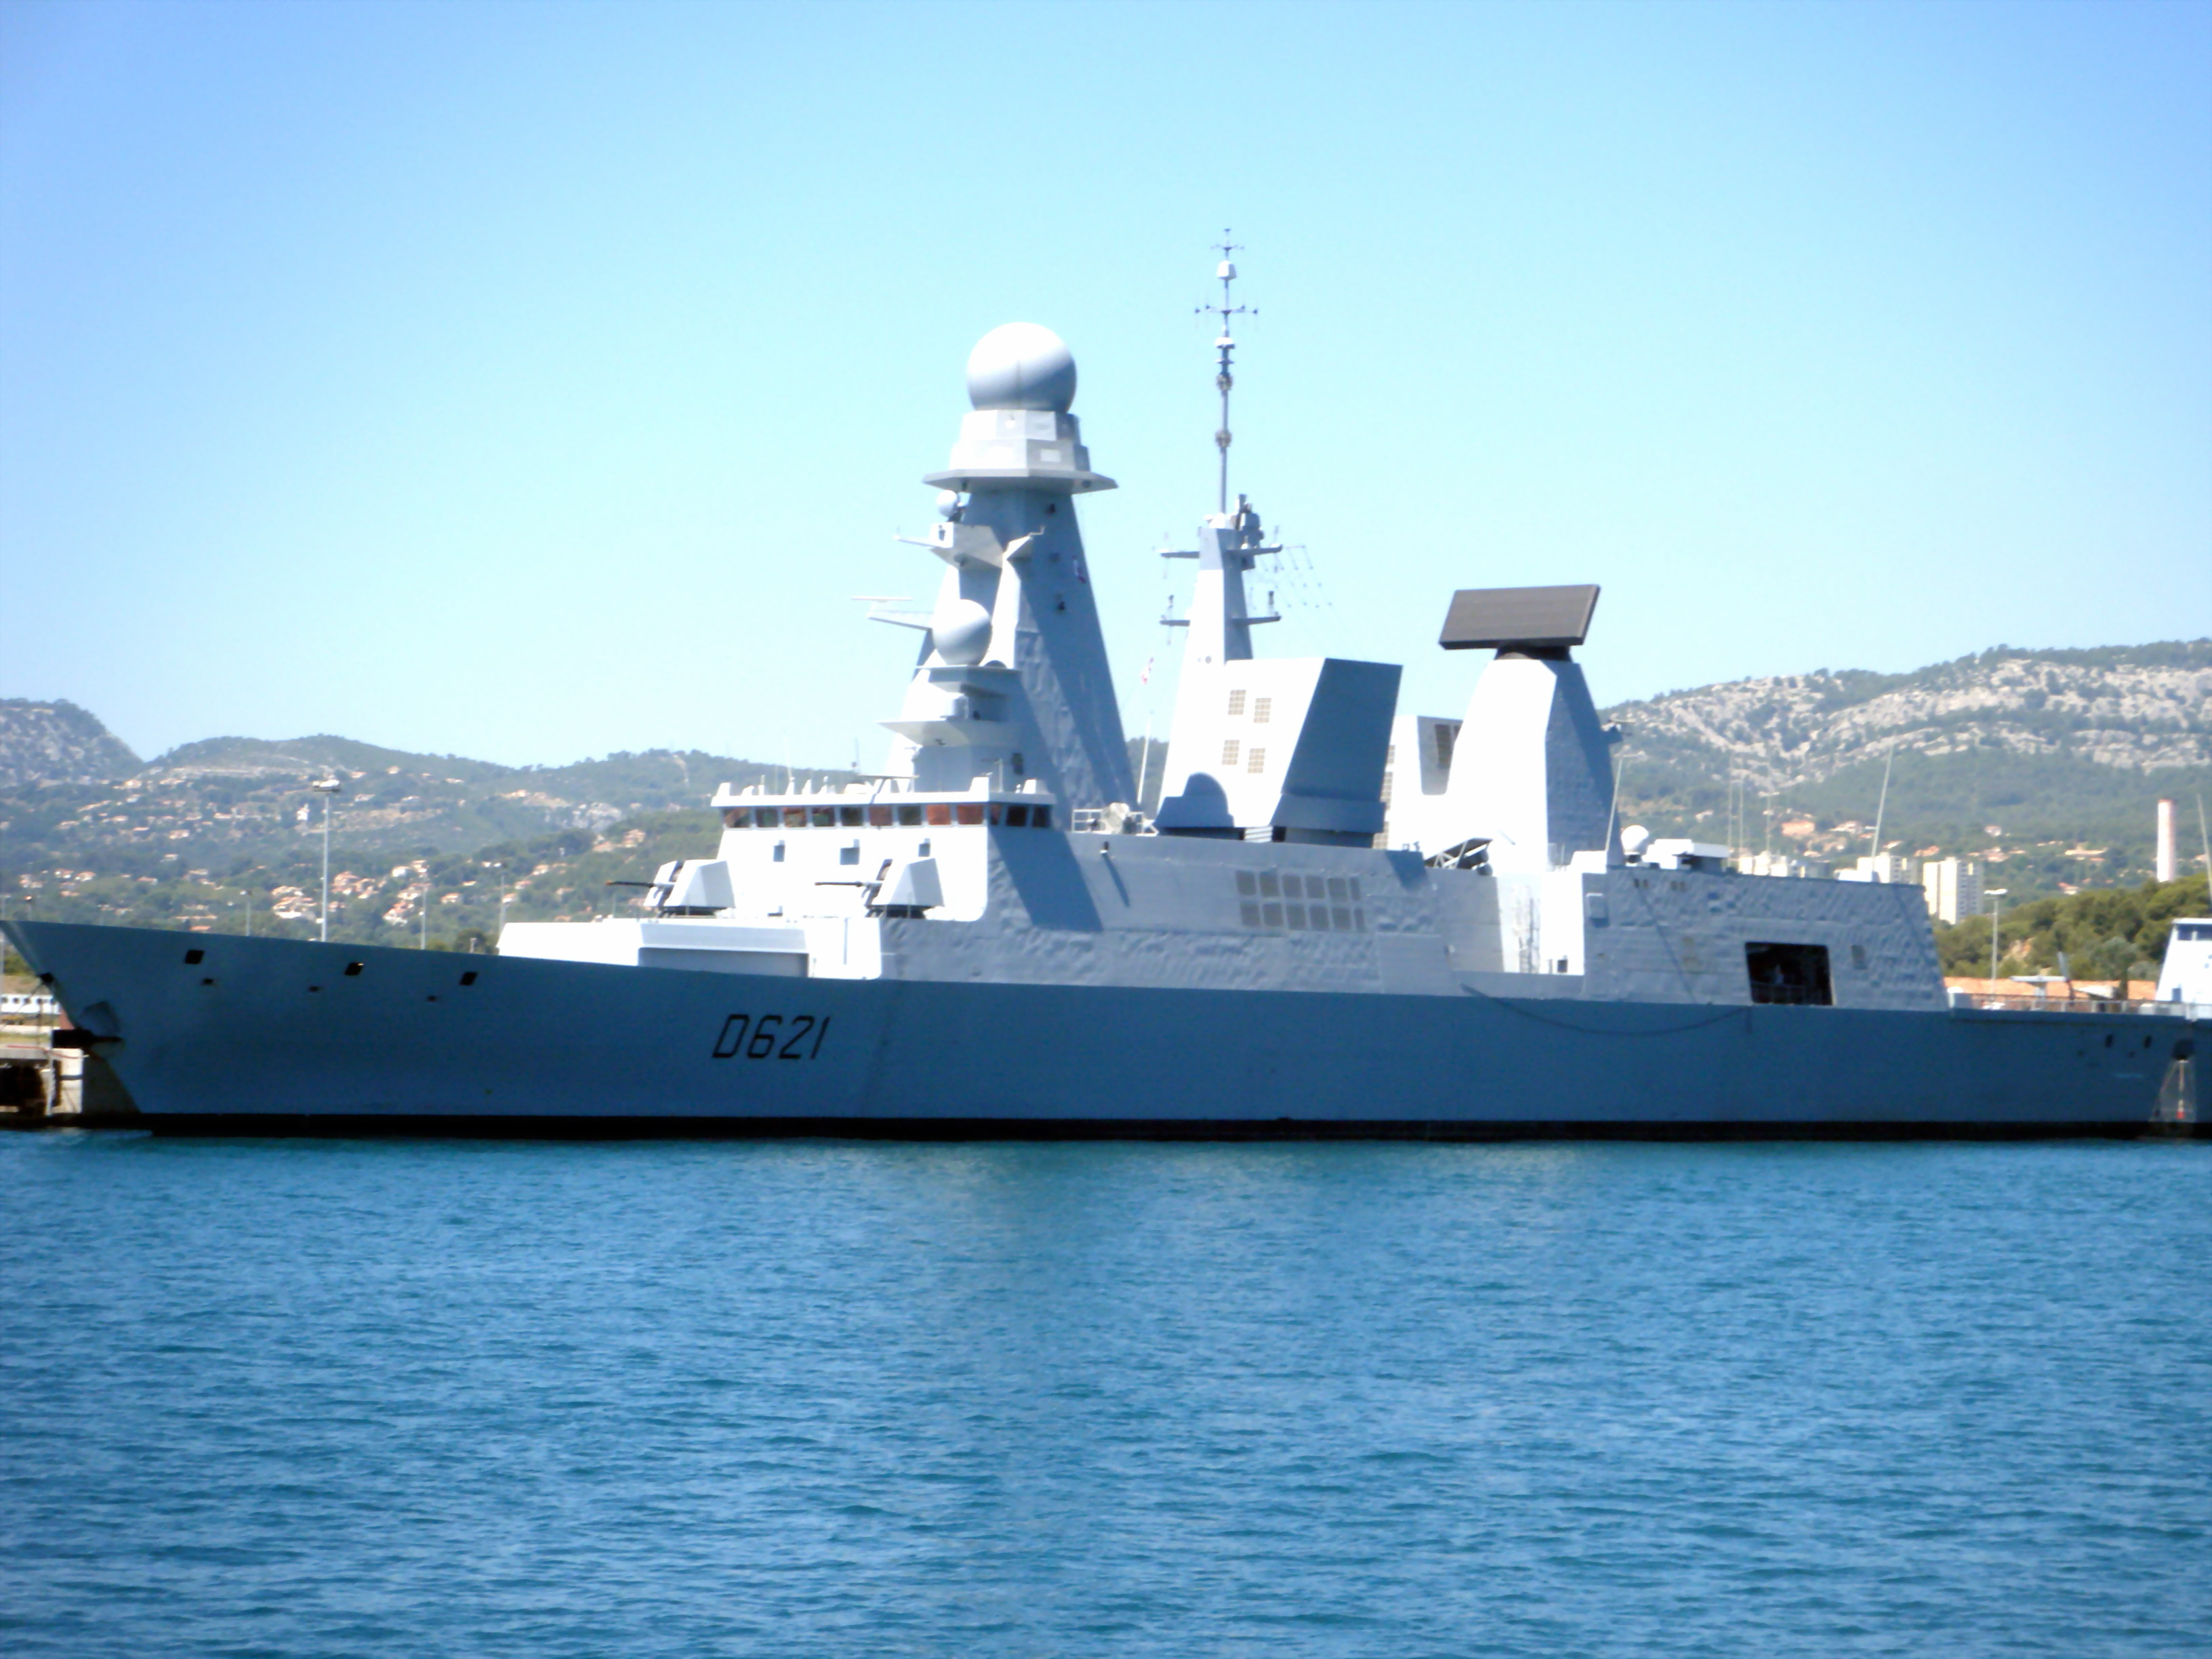 シュヴァリエ・ポール (フォルバン級駆逐艦) - Wikipedia